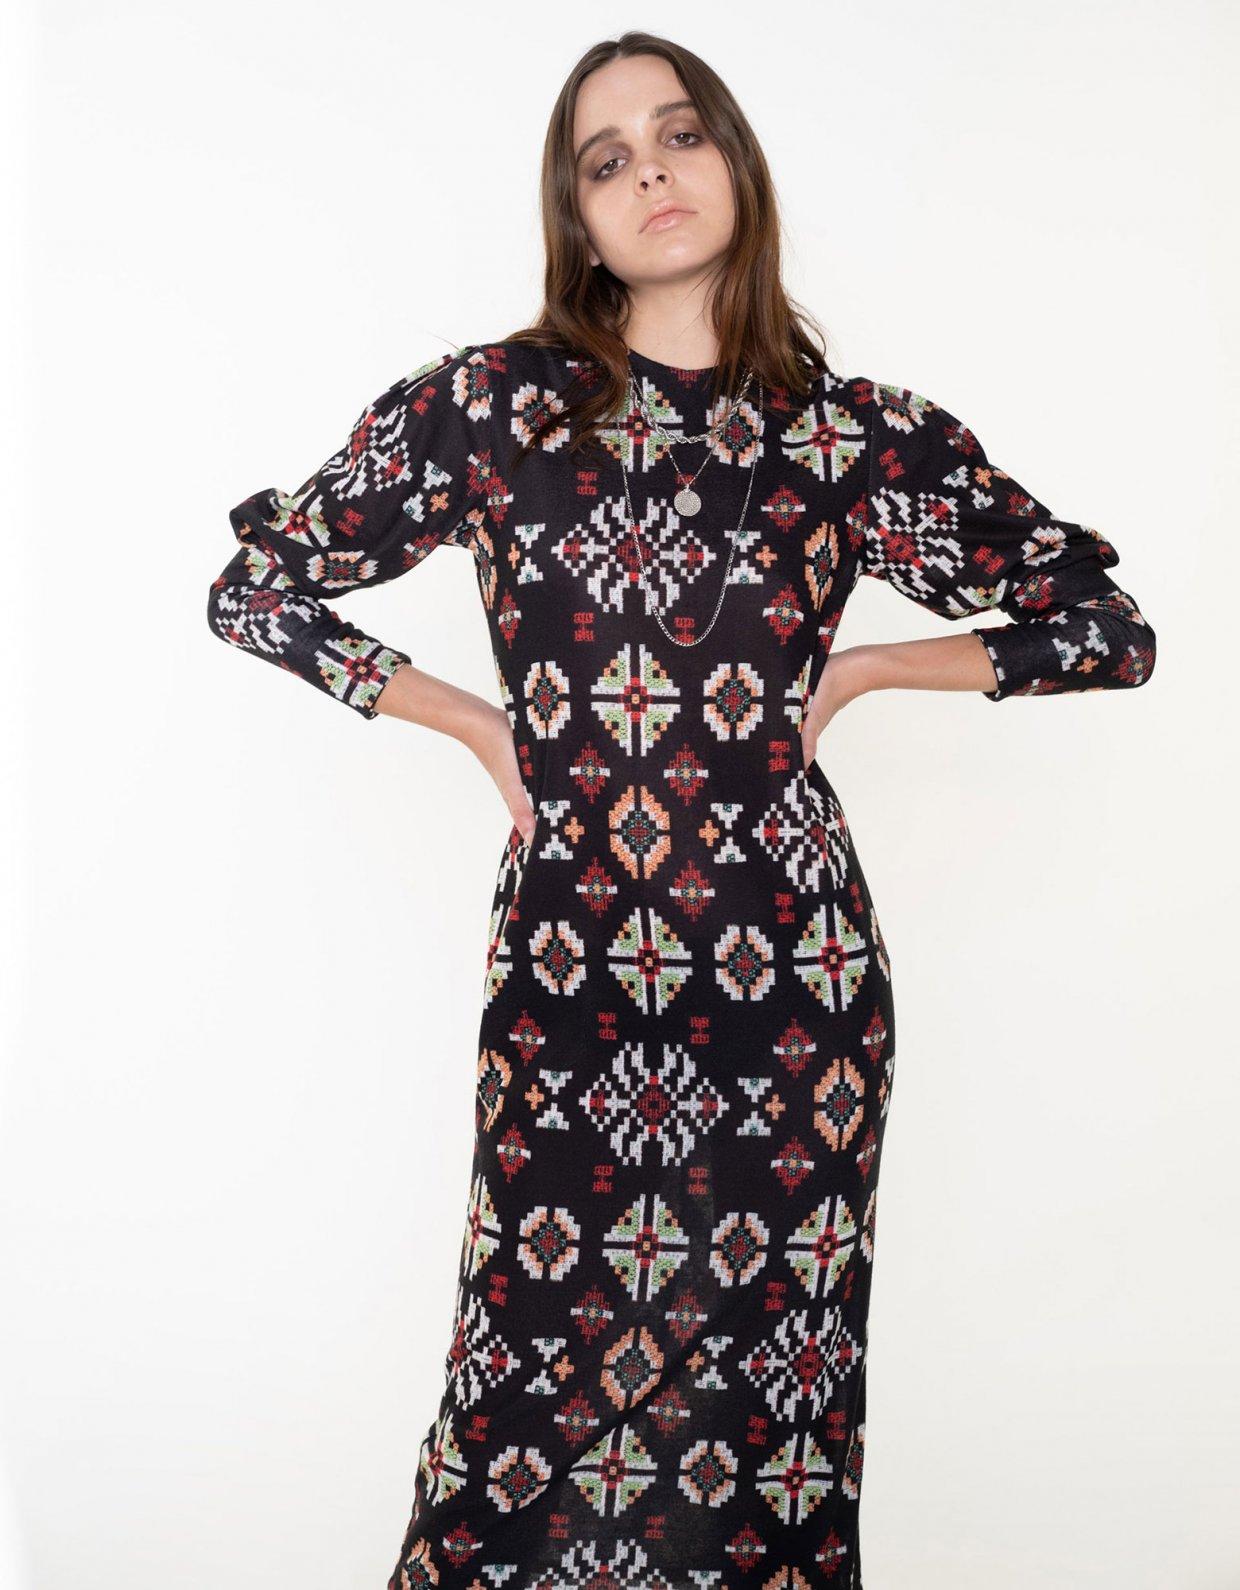 Nadia Rapti R.E.M. dress